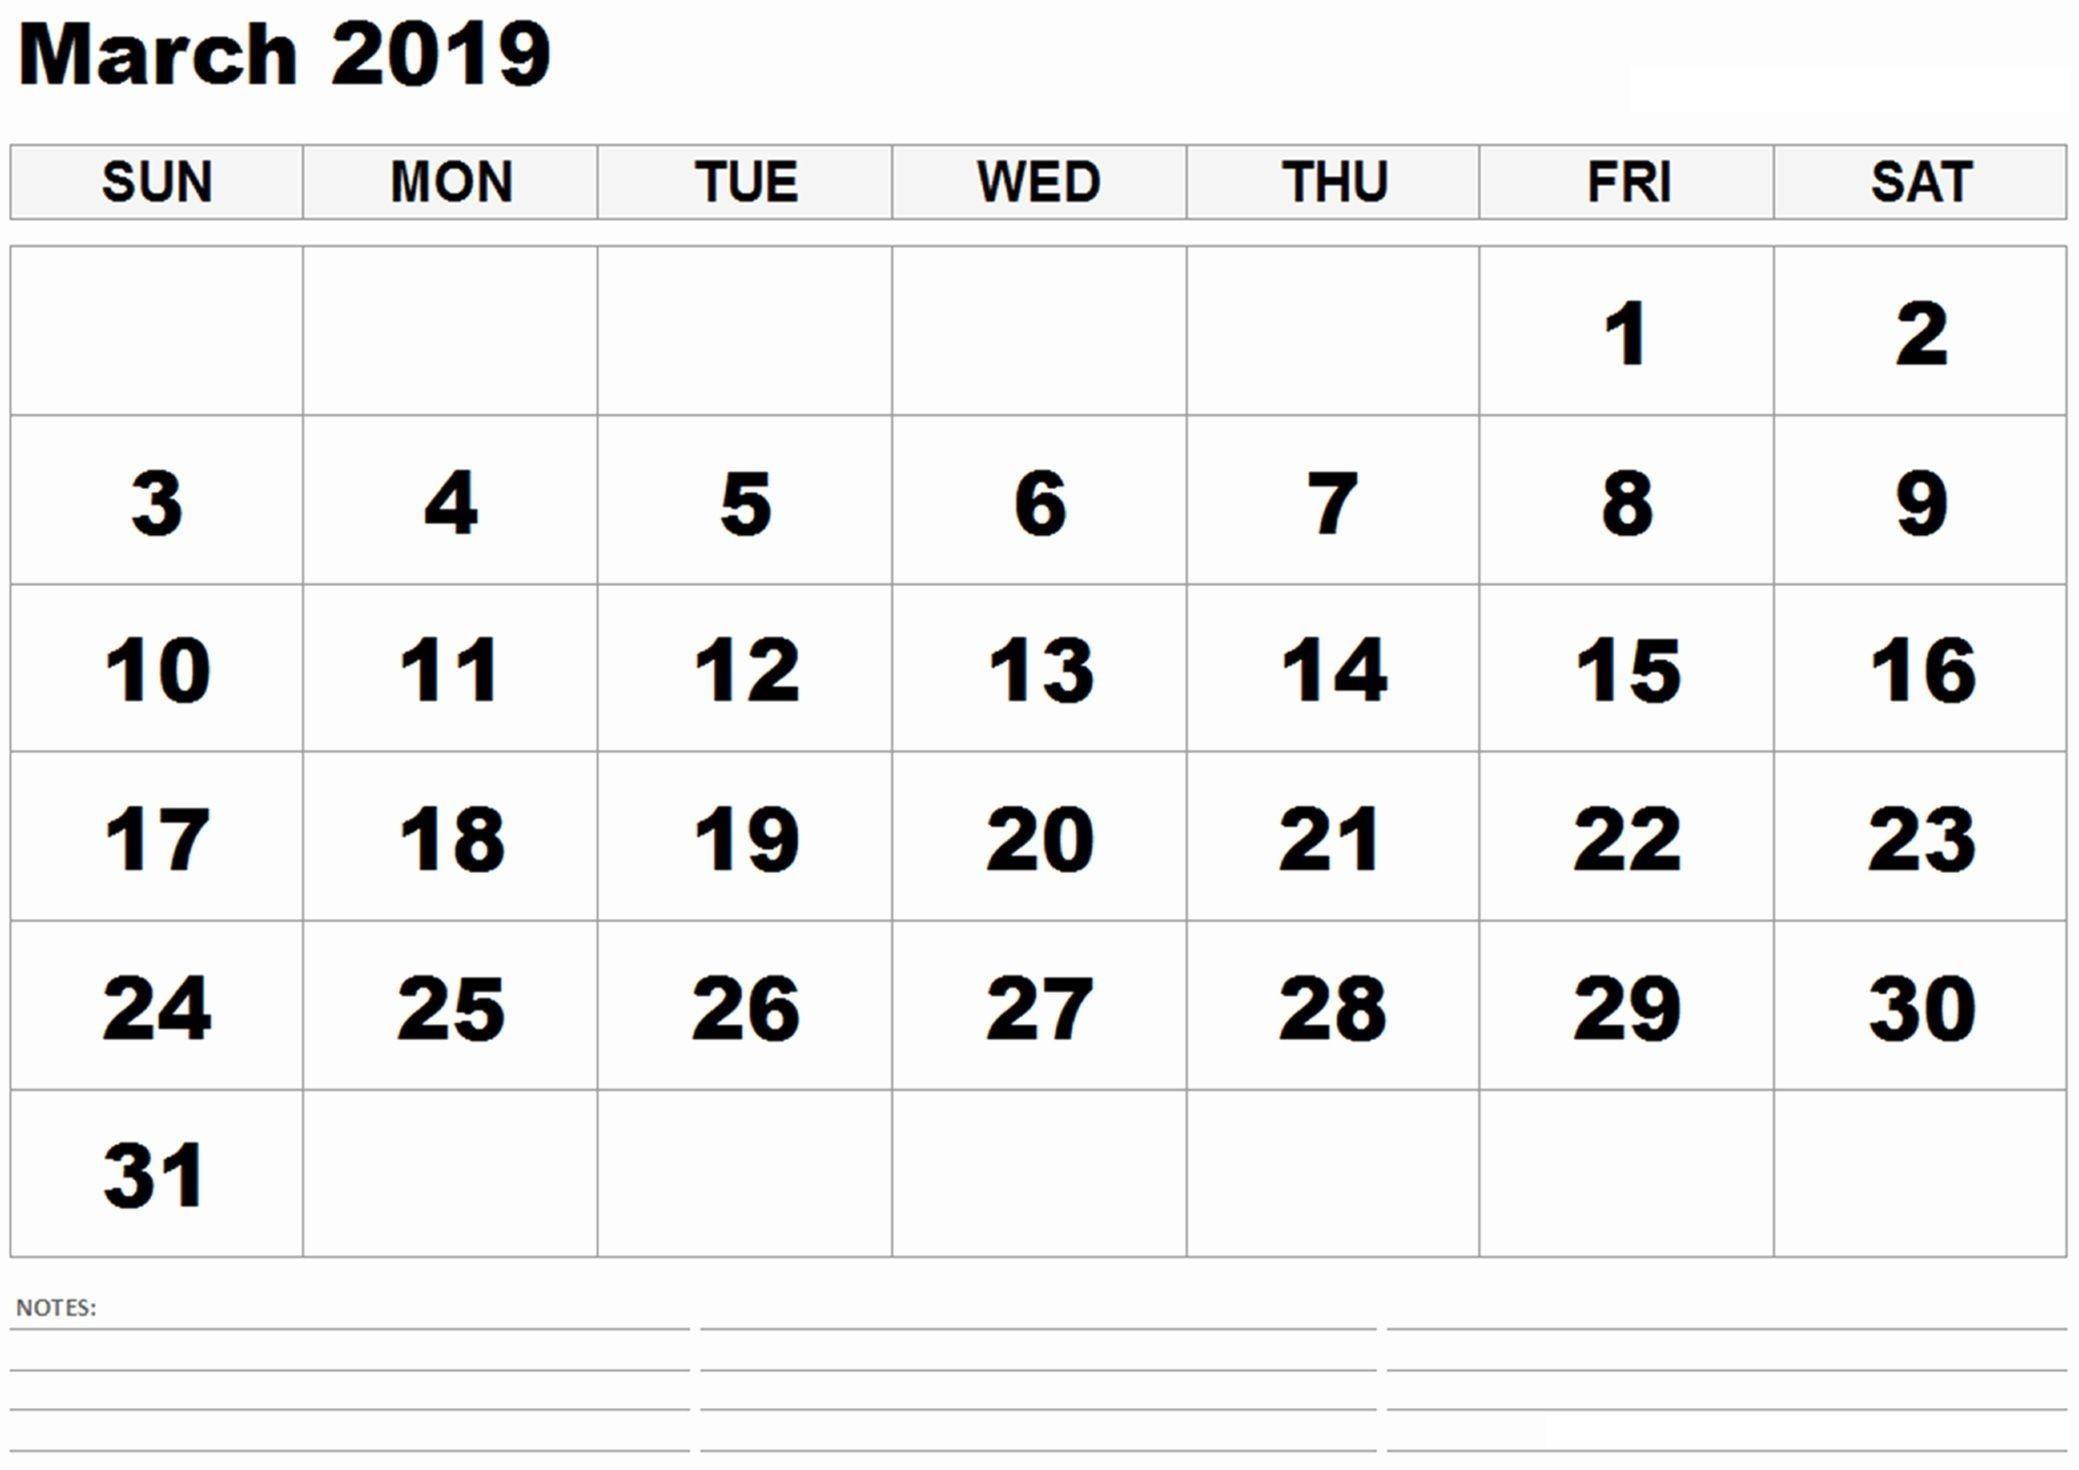 March 2019 Calendar Template Word 250 March 2019 Calendar Pinterest